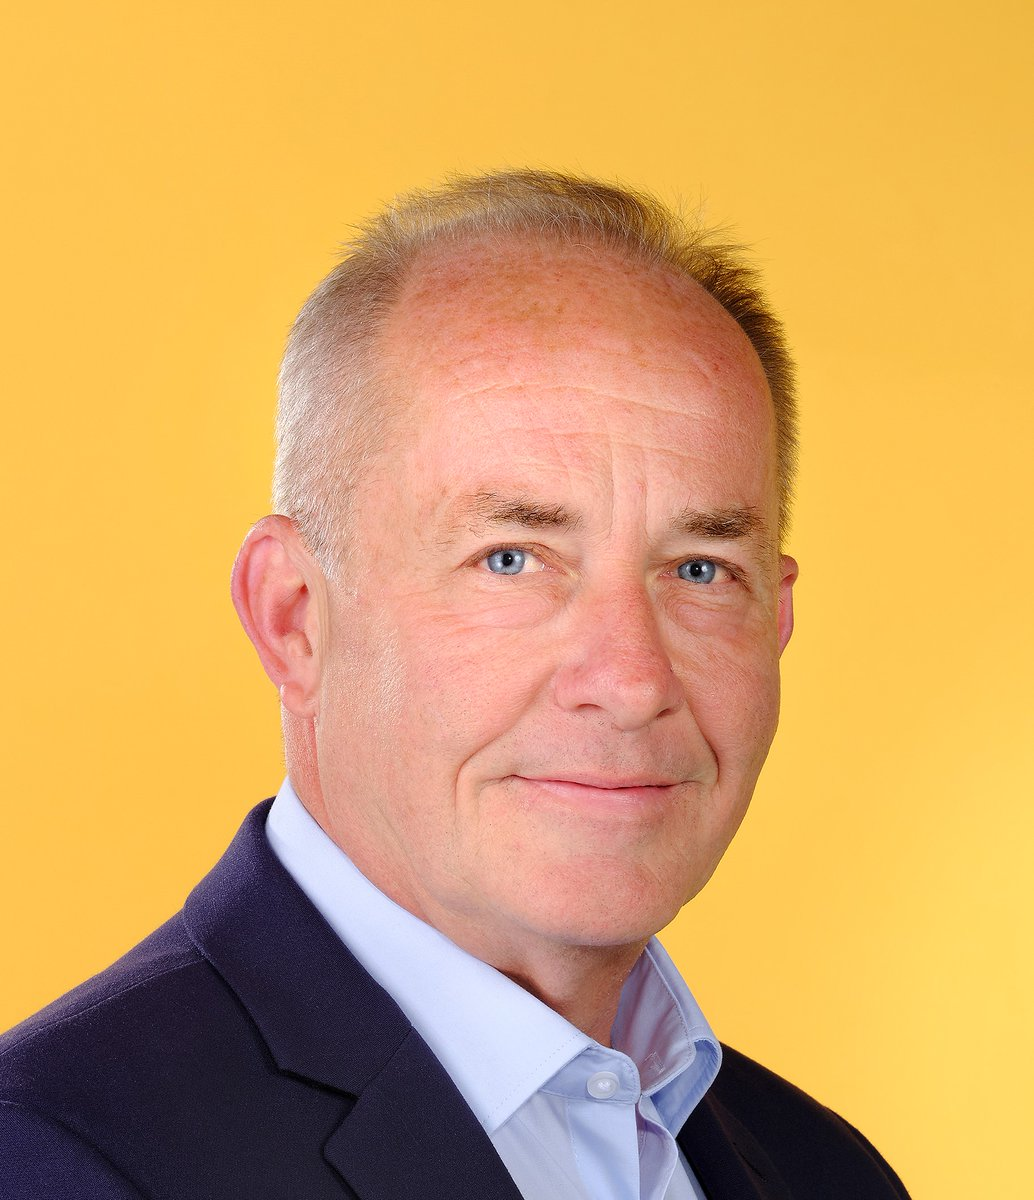 test Twitter Media - Artium Experts versterkt zich met Pieter van der Linden - https://t.co/EaA7mtvCj8 - Artium Experts, het expertisebureau dat zich met 15 medewerkers vanuit twee vestigingen (Hoogeveen en Rotterdam/Barendrecht) richt op de niches Bouw, Infra, Marine en Werktuigbouw, heeft zich ... https://t.co/uHNo02kuJ8